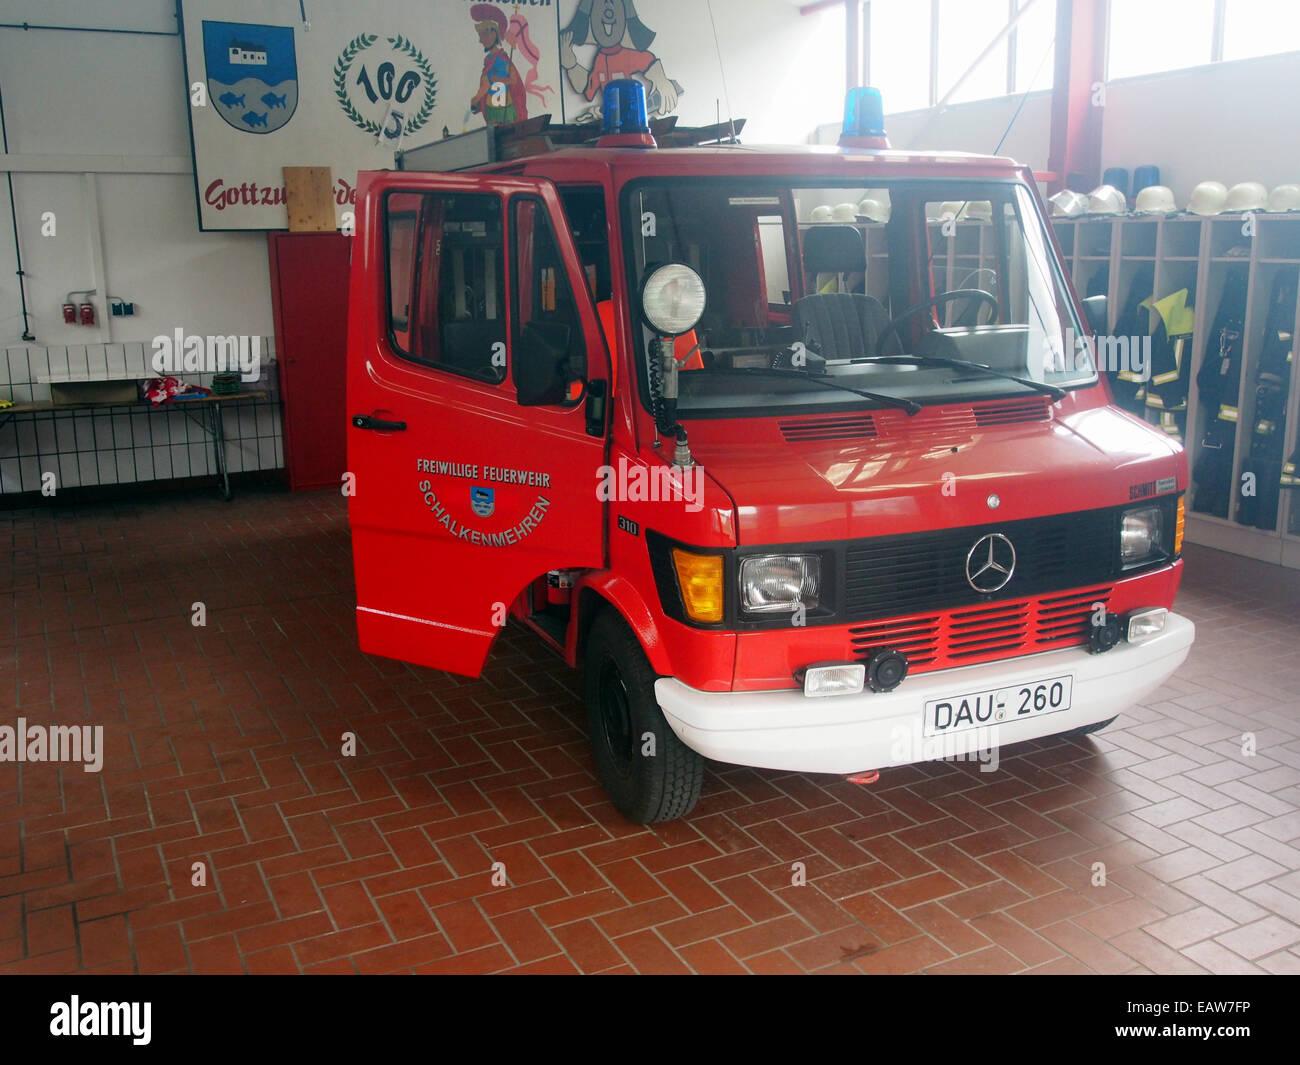 Mercedes 310, Freiwillige Feuerwehr Schalkenmehren, bild 2 Stock Photo